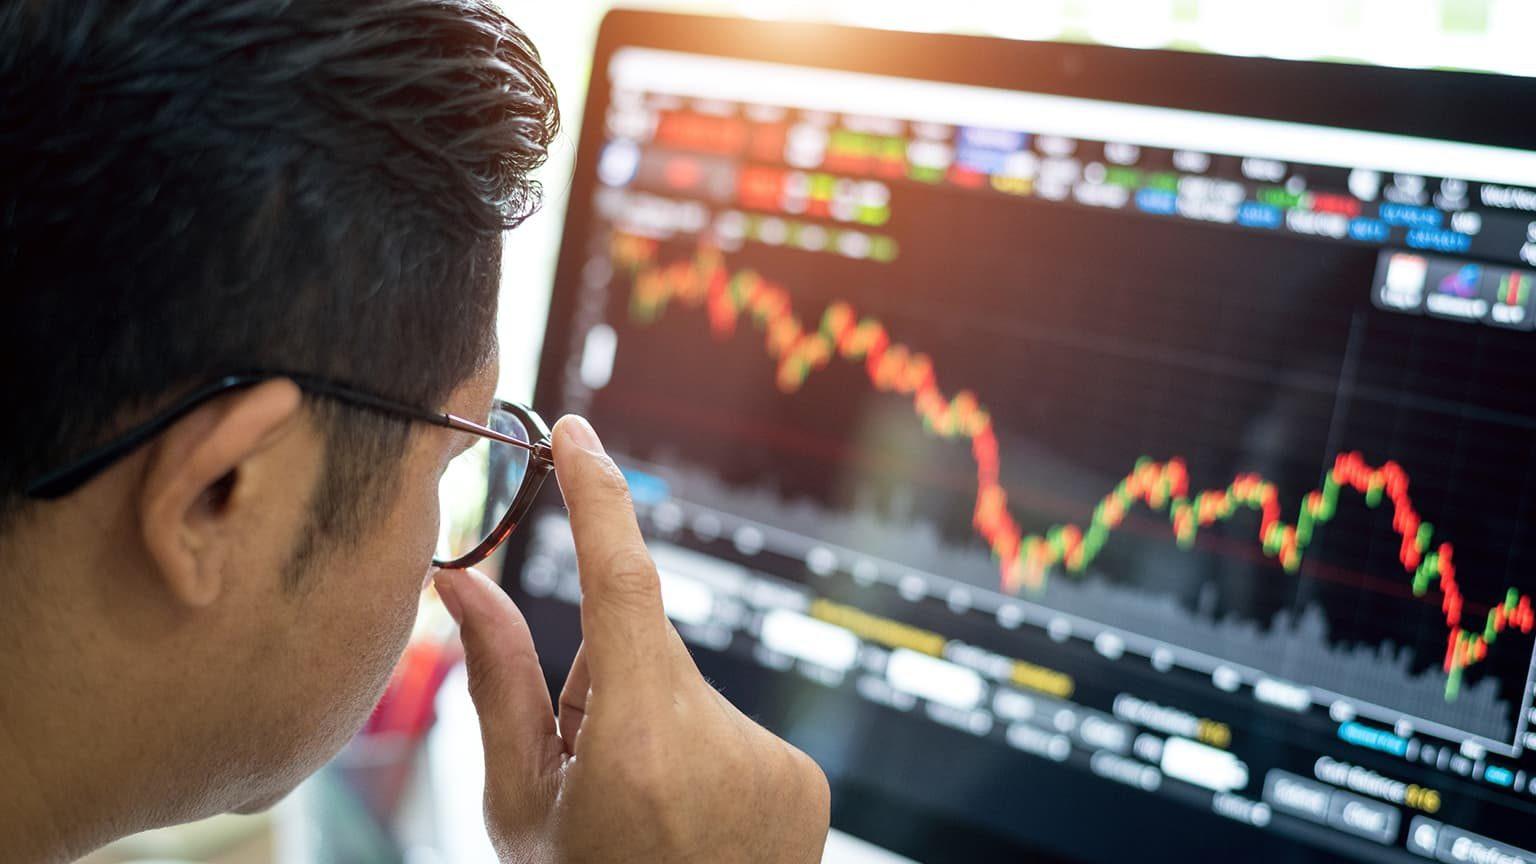 Đầu tư chứng khoán quốc tế: Lời mời gọi đầy rủi ro - 2